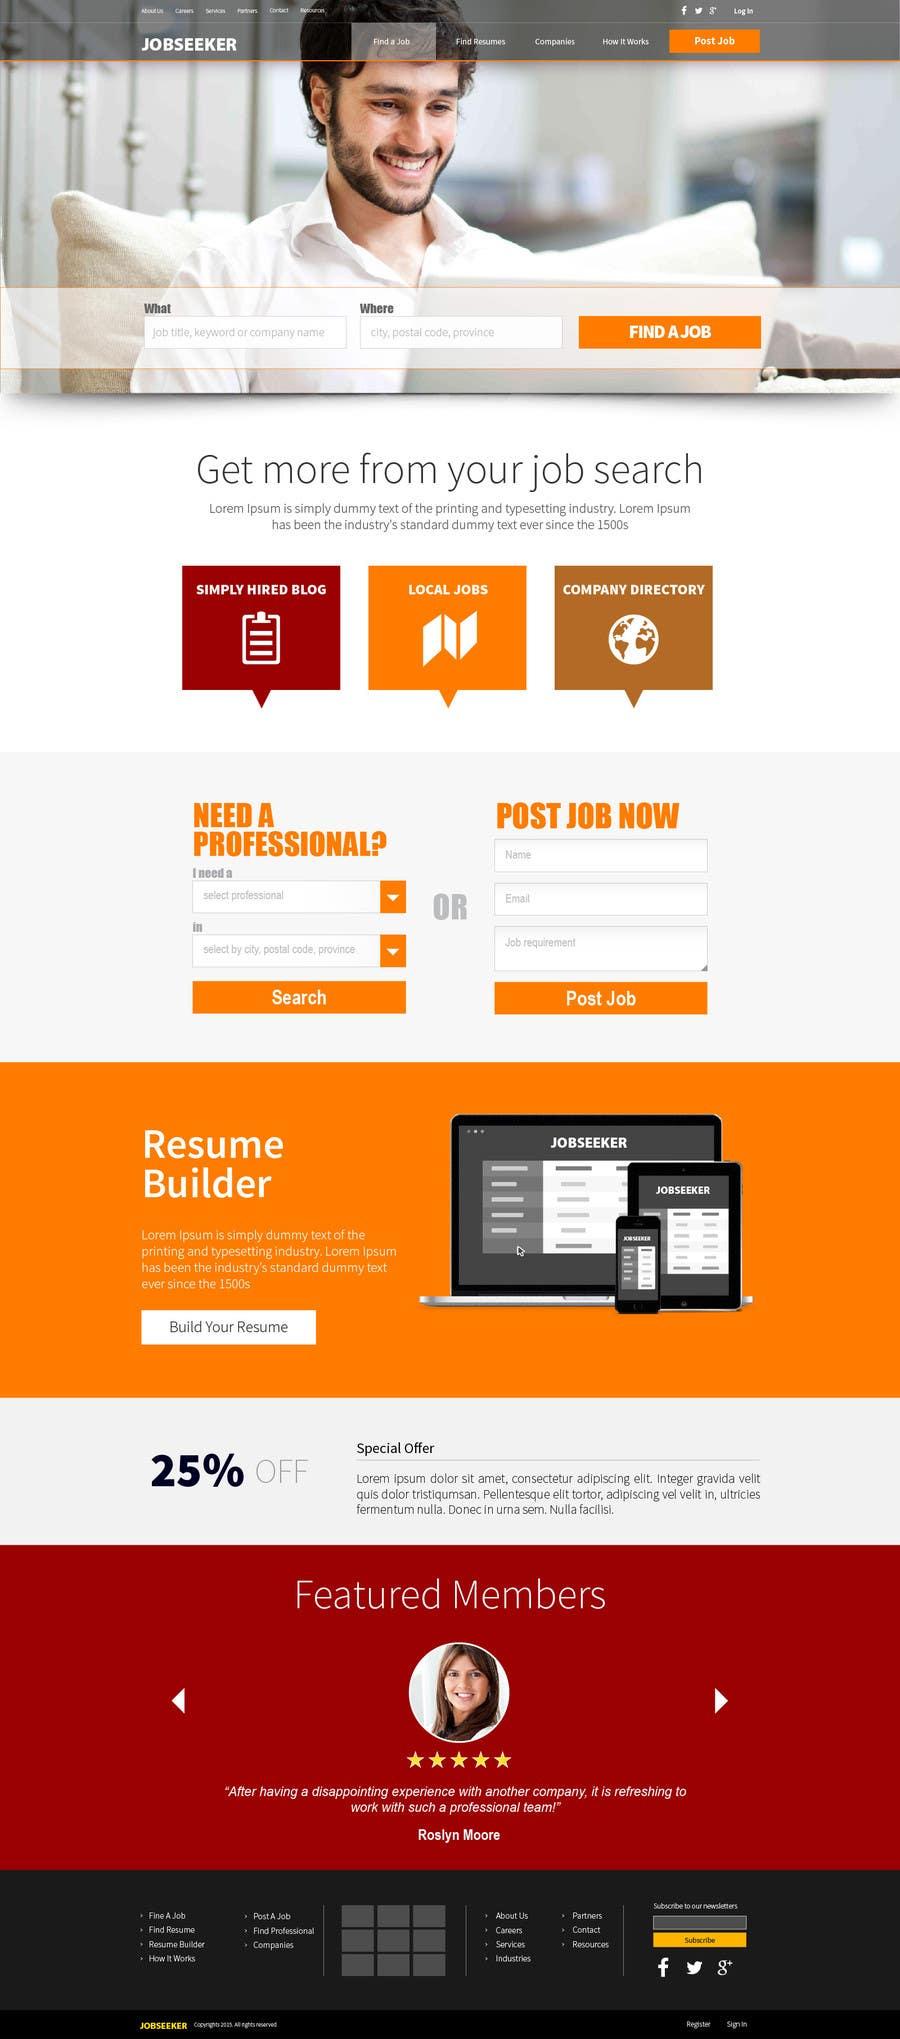 Konkurrenceindlæg #55 for Design a Website Mockup for a Job Search Engine